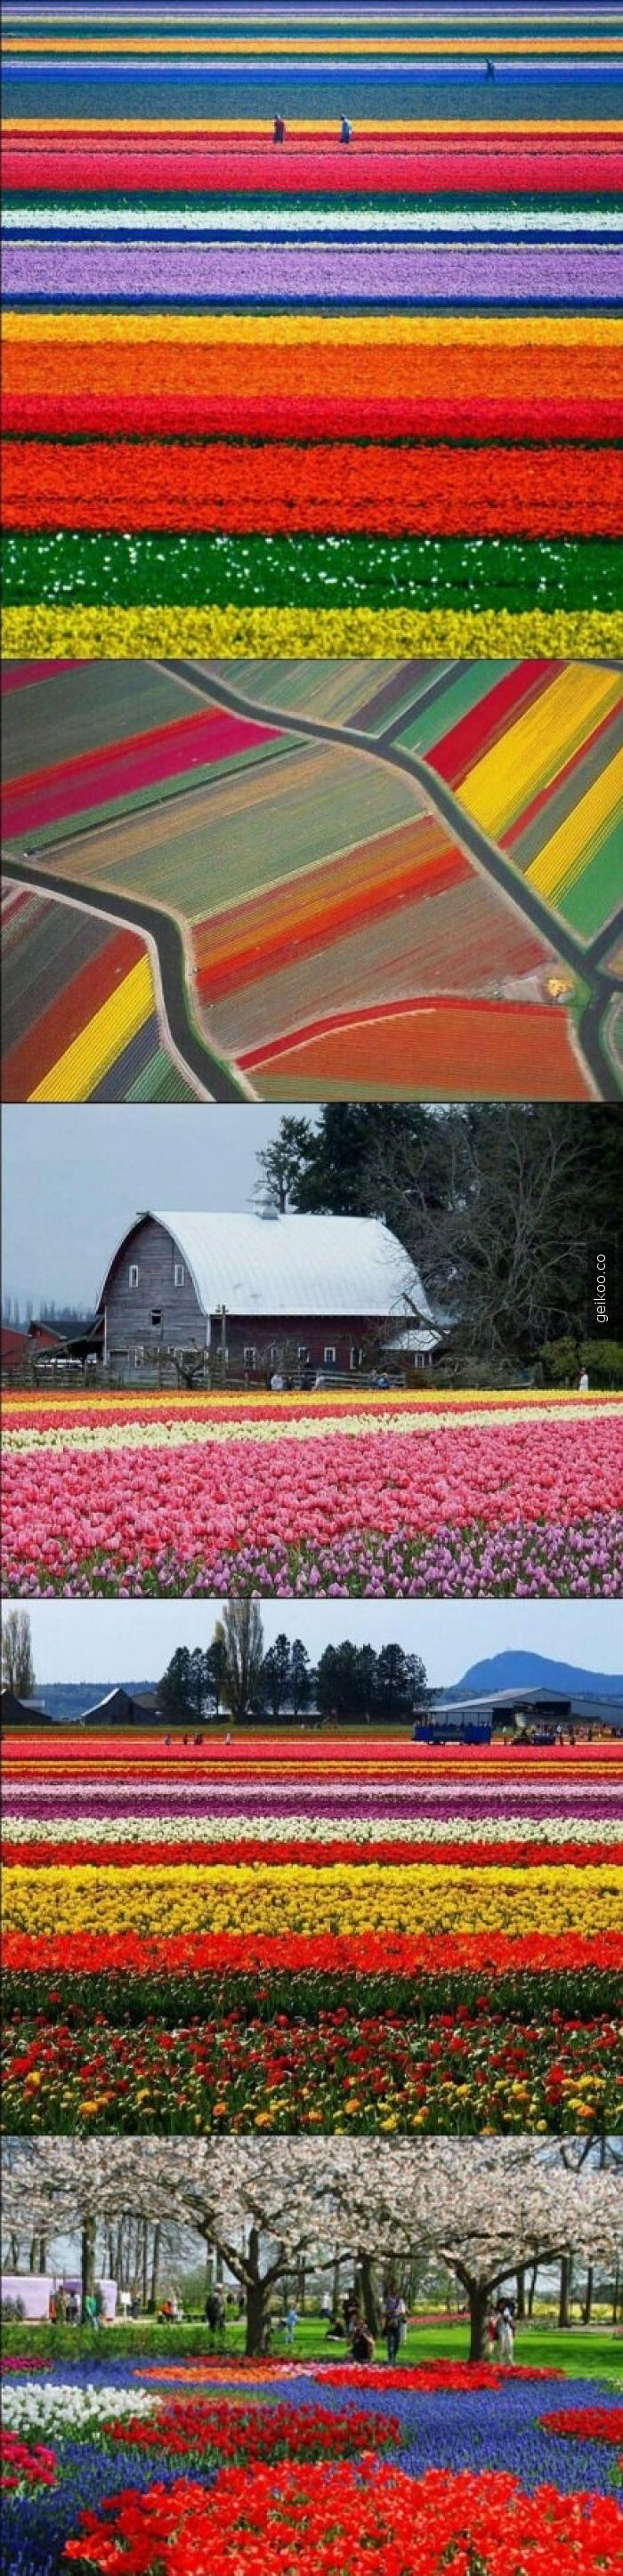 Hollanda'dan lale tarlaları